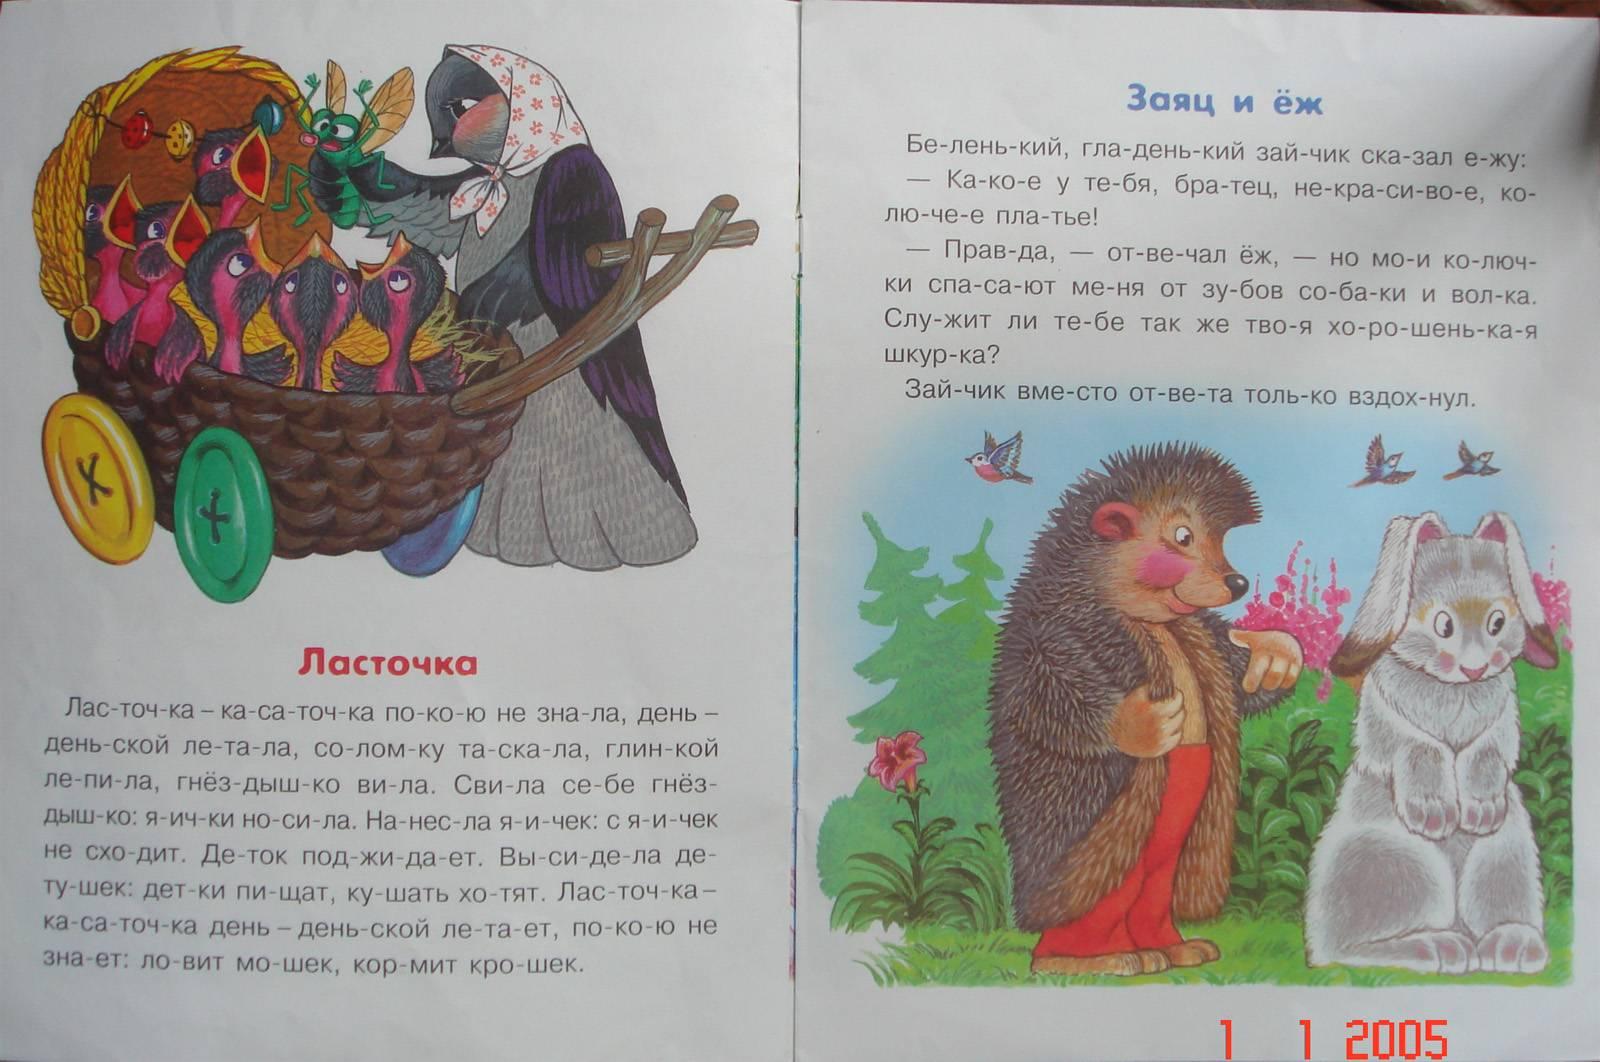 Иллюстрация 1 из 2 для Рассказы - Константин Ушинский | Лабиринт - книги. Источник: farnor